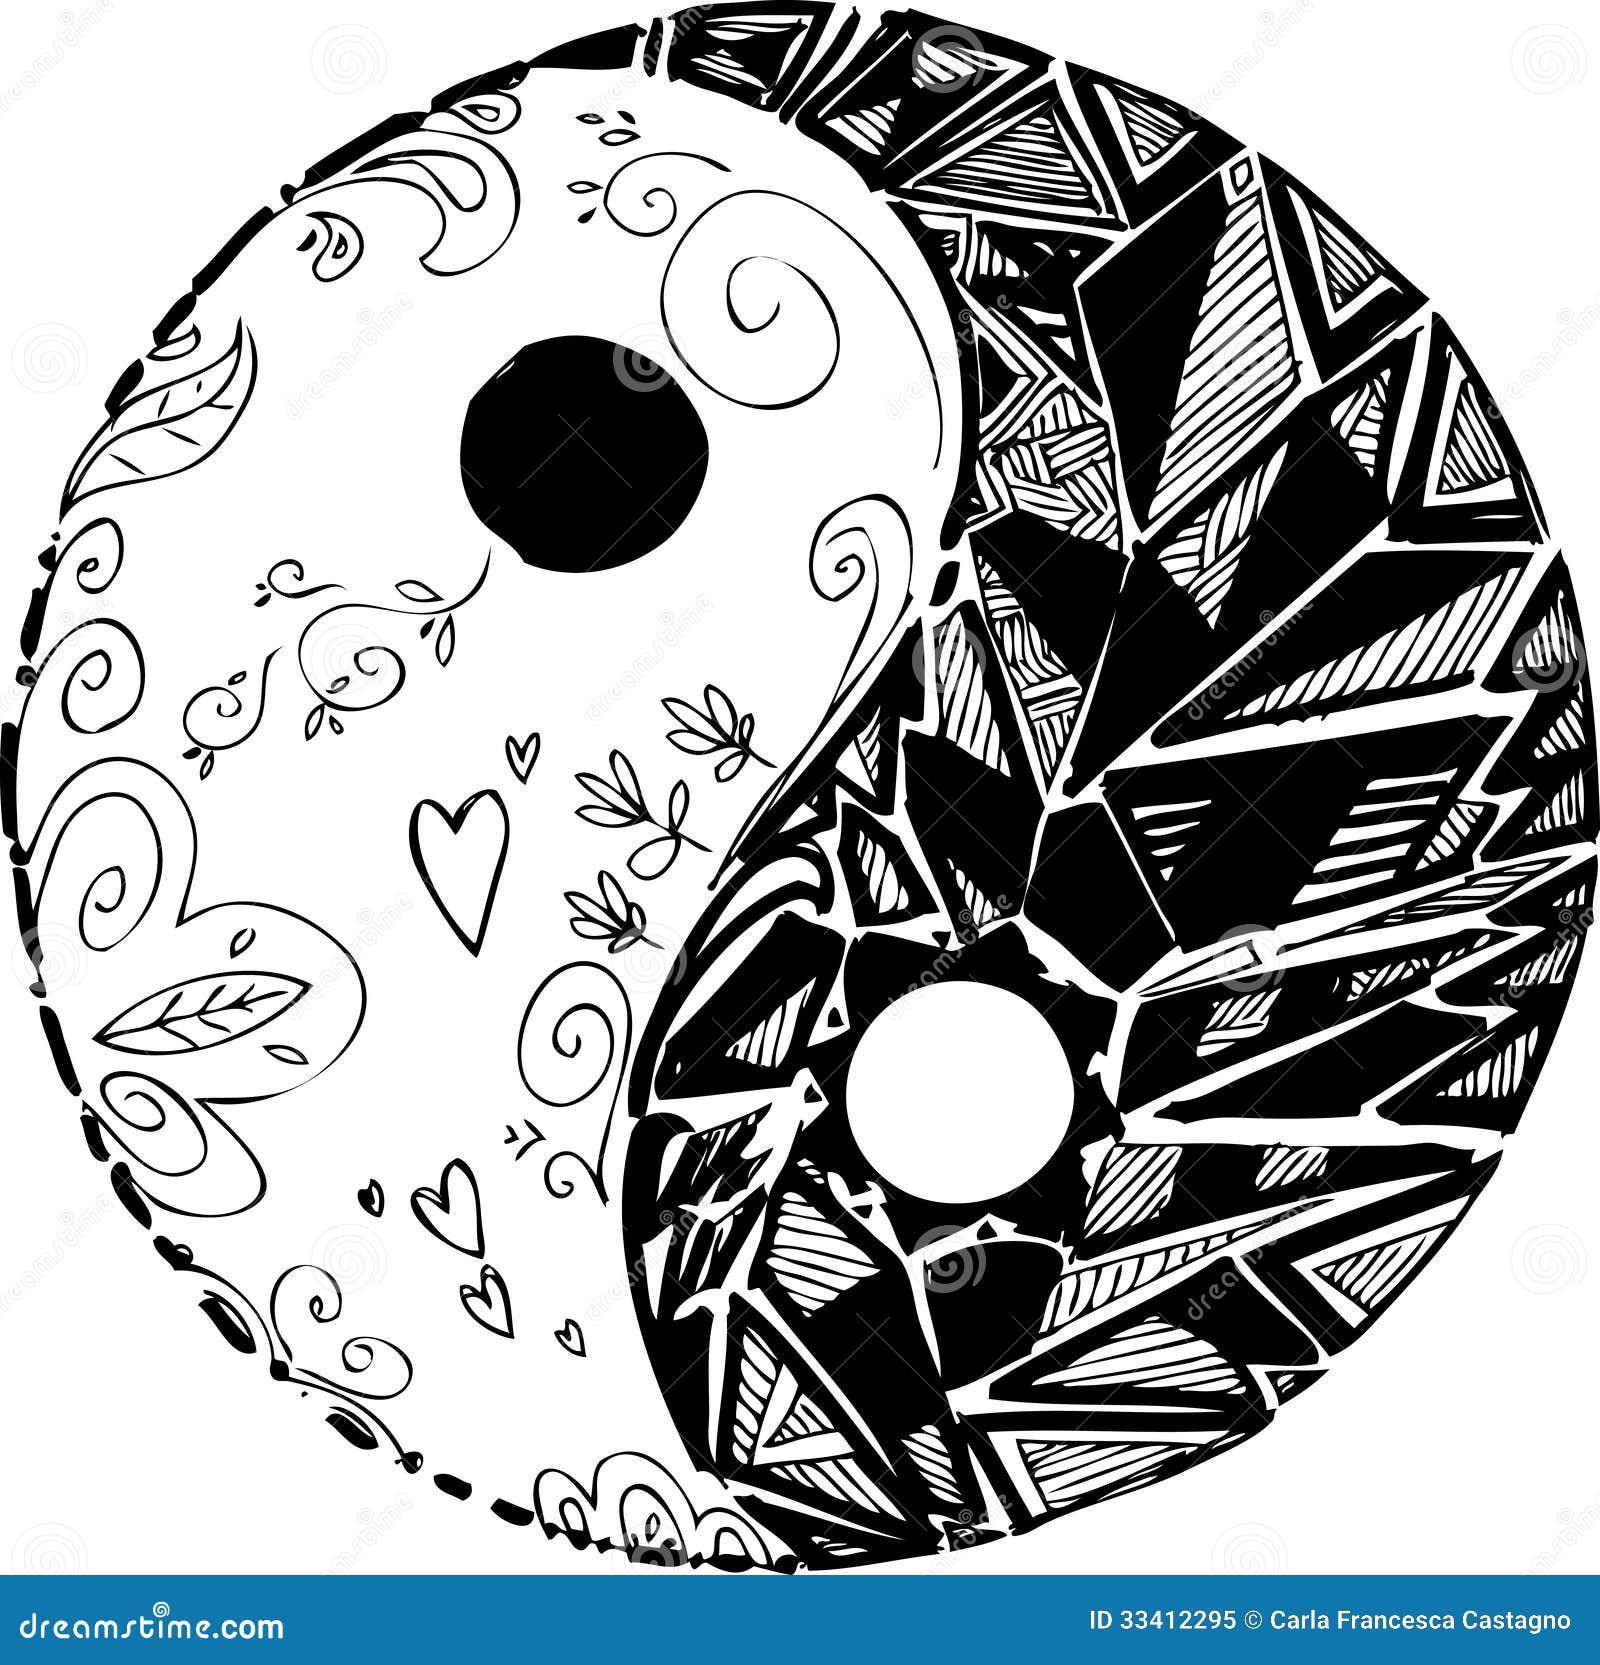 Coloring tao symbol mandala stock vector illustration of cultural coloring tao symbol mandala buycottarizona Images